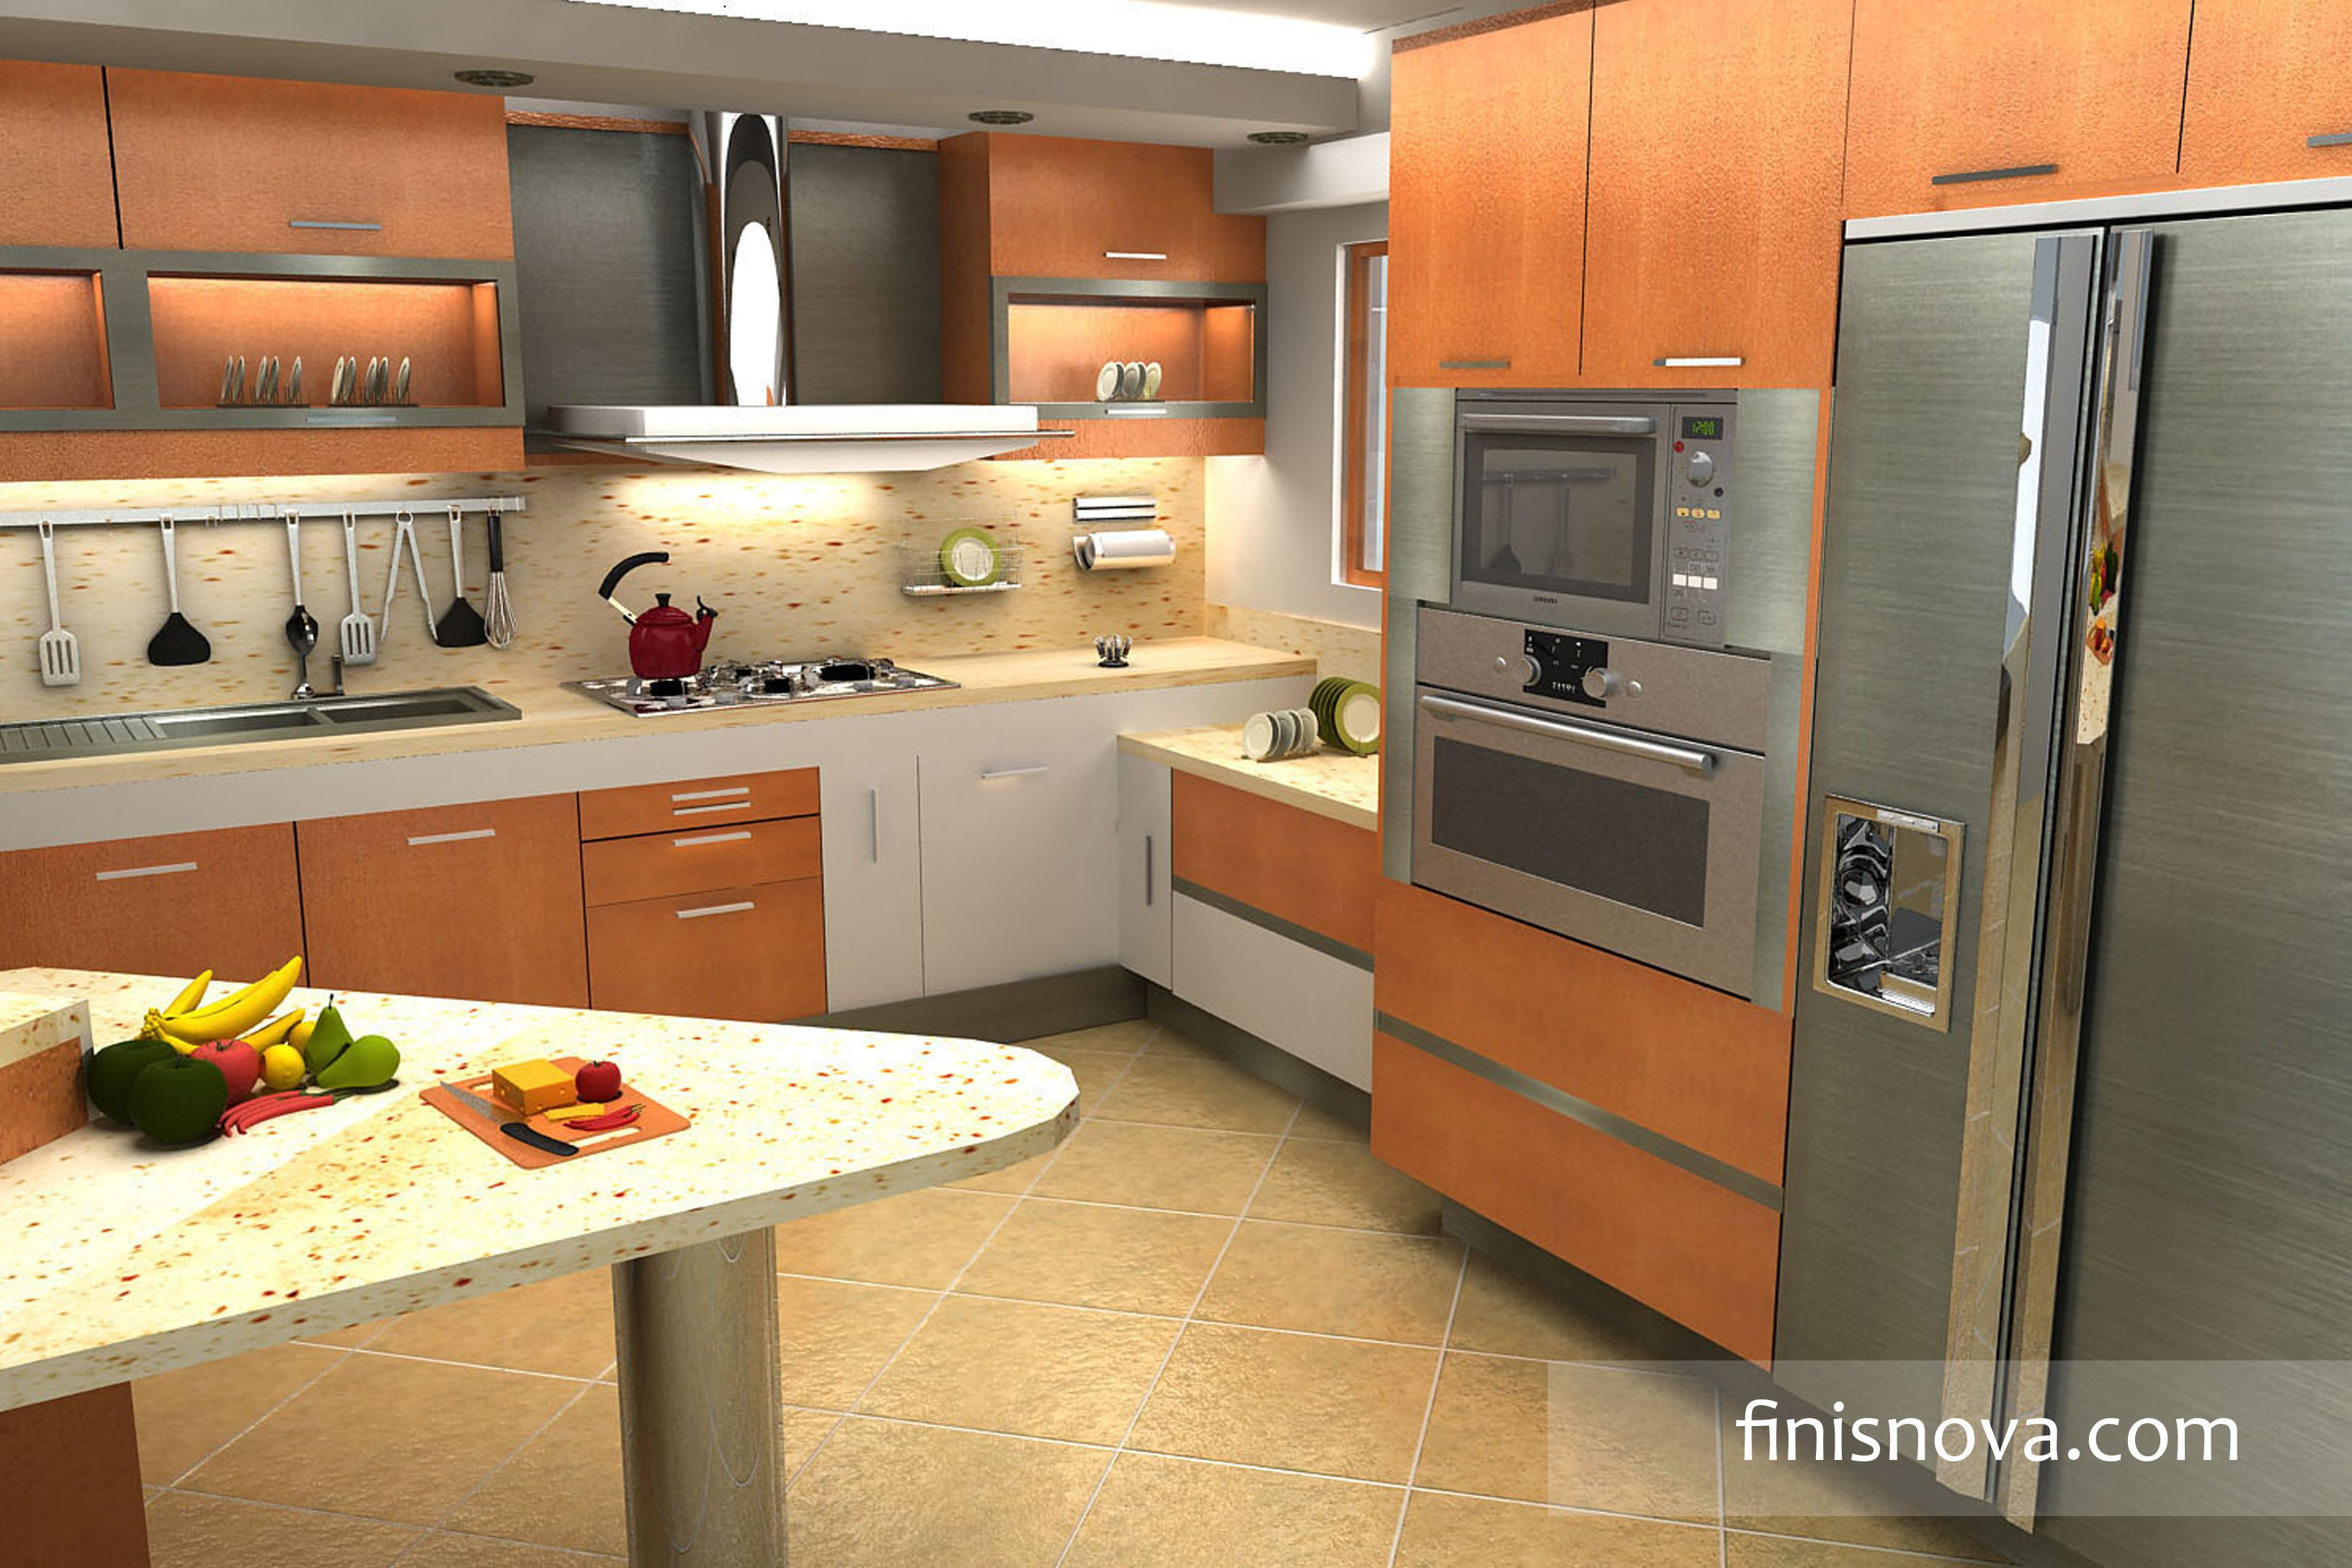 Decoraci n cocina decora tu cocina con colores frescos y - Decoracion feng shui ...